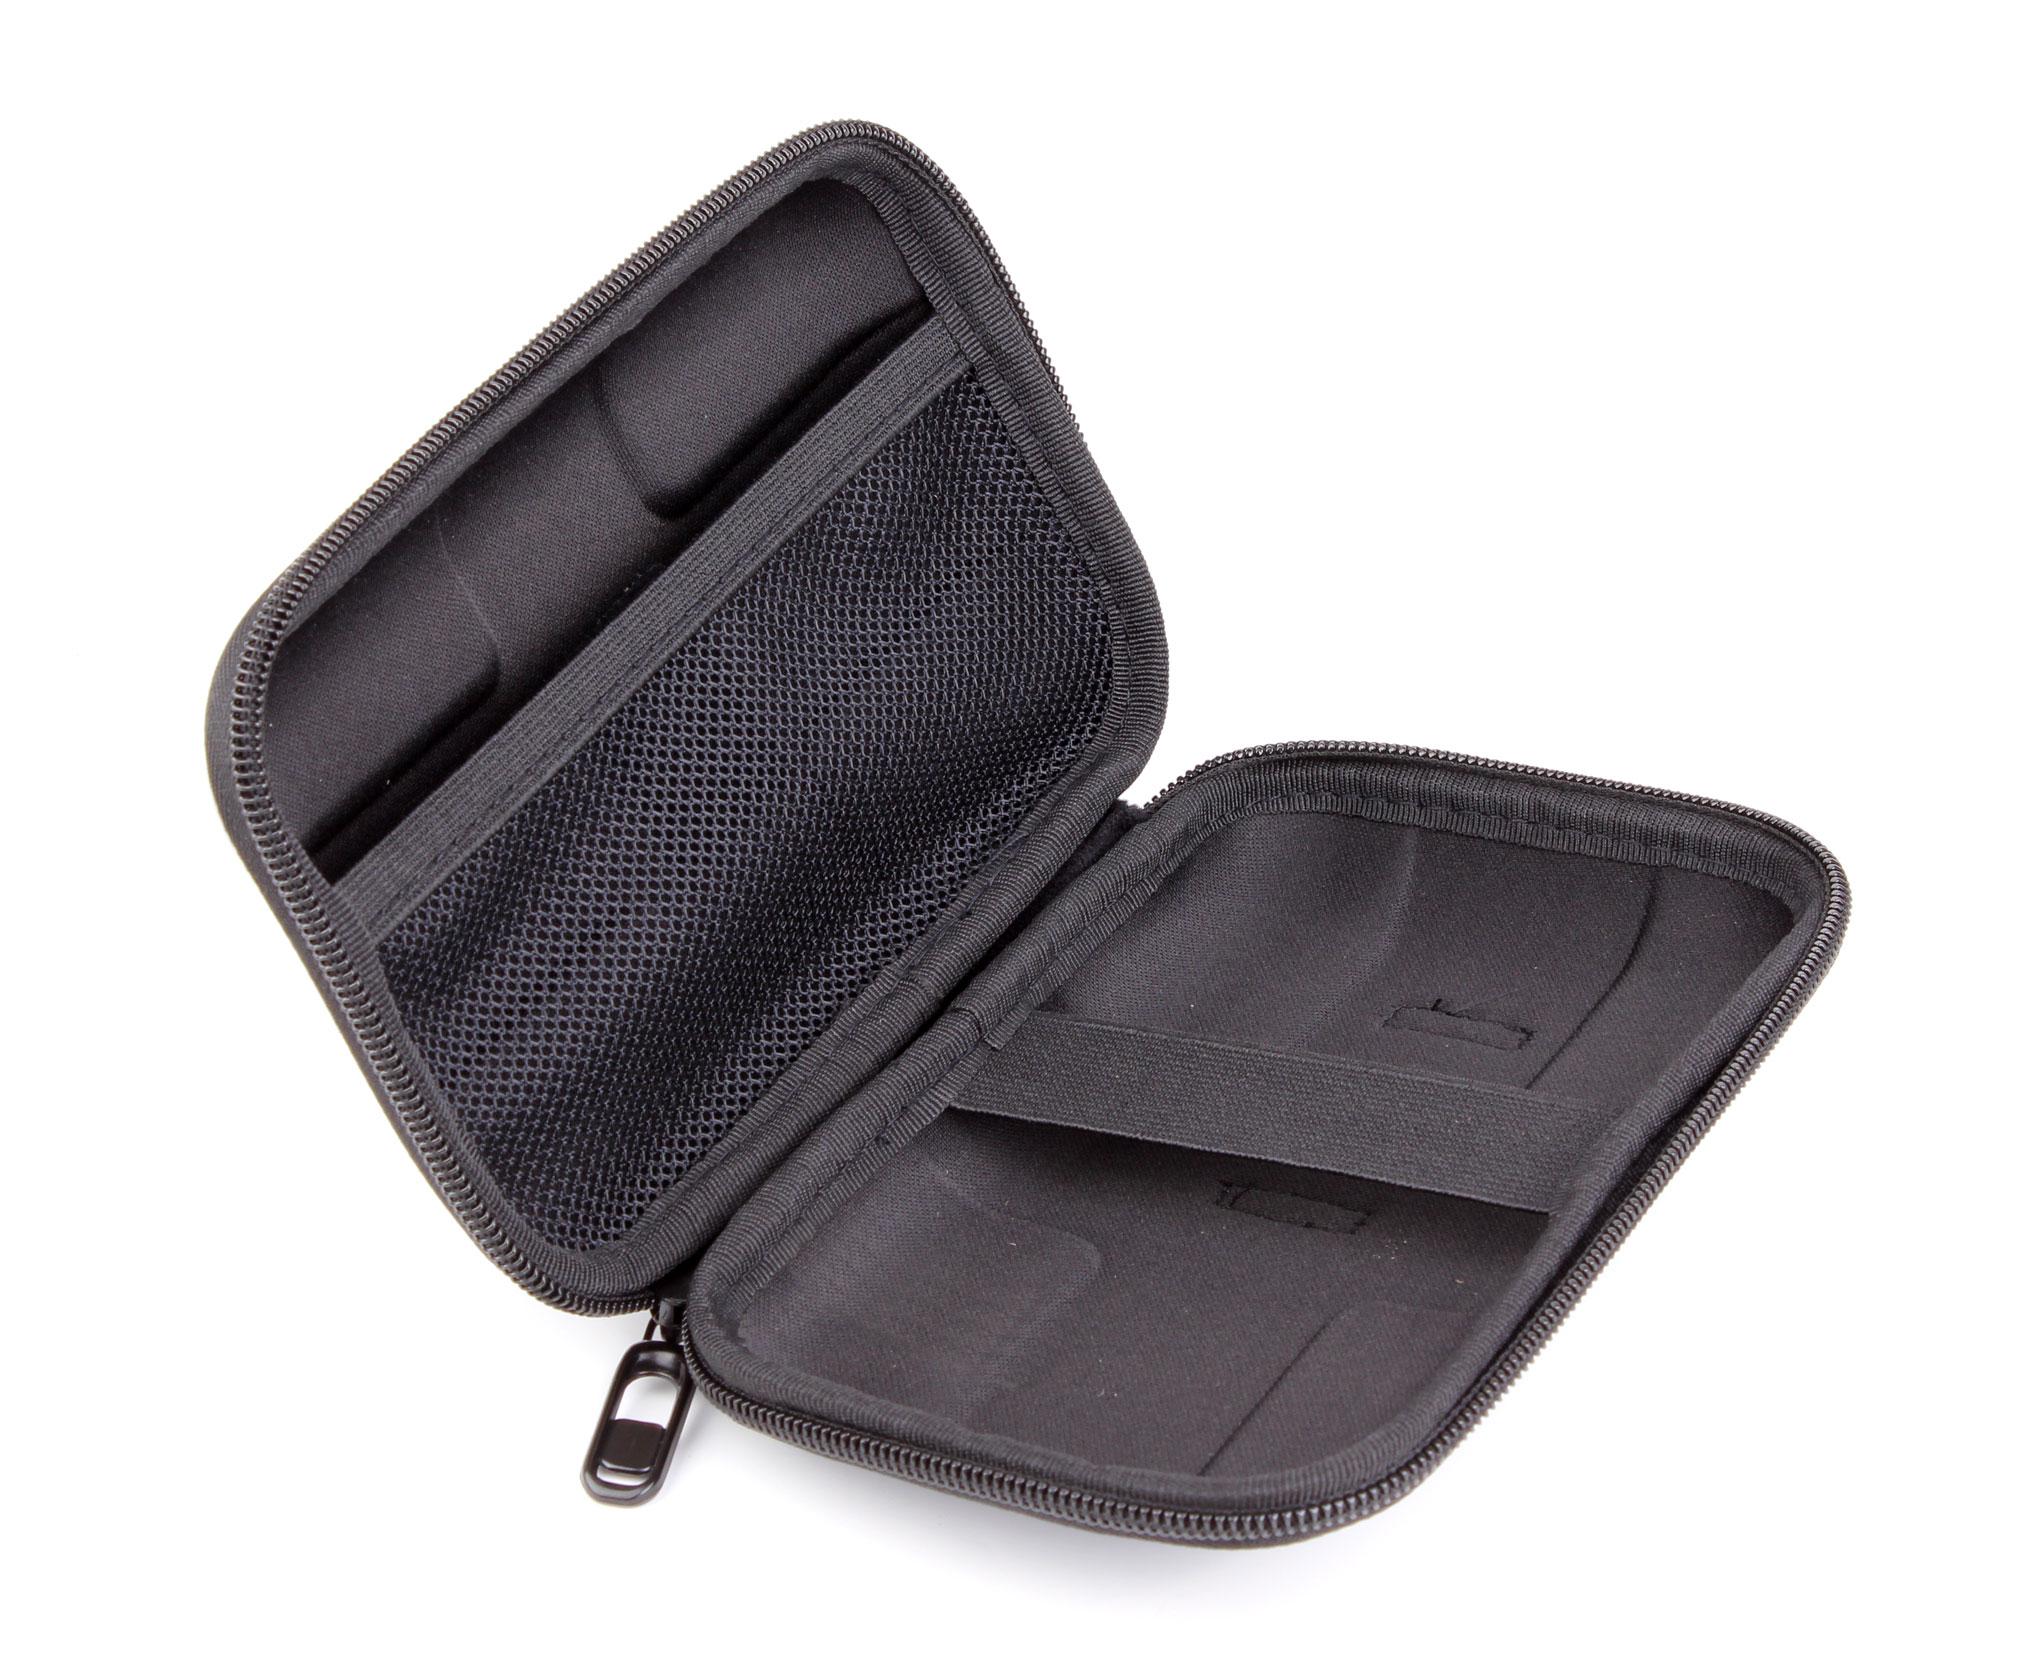 Housse tui noir de protection pour disque dur externe for Housse pour disque dur externe